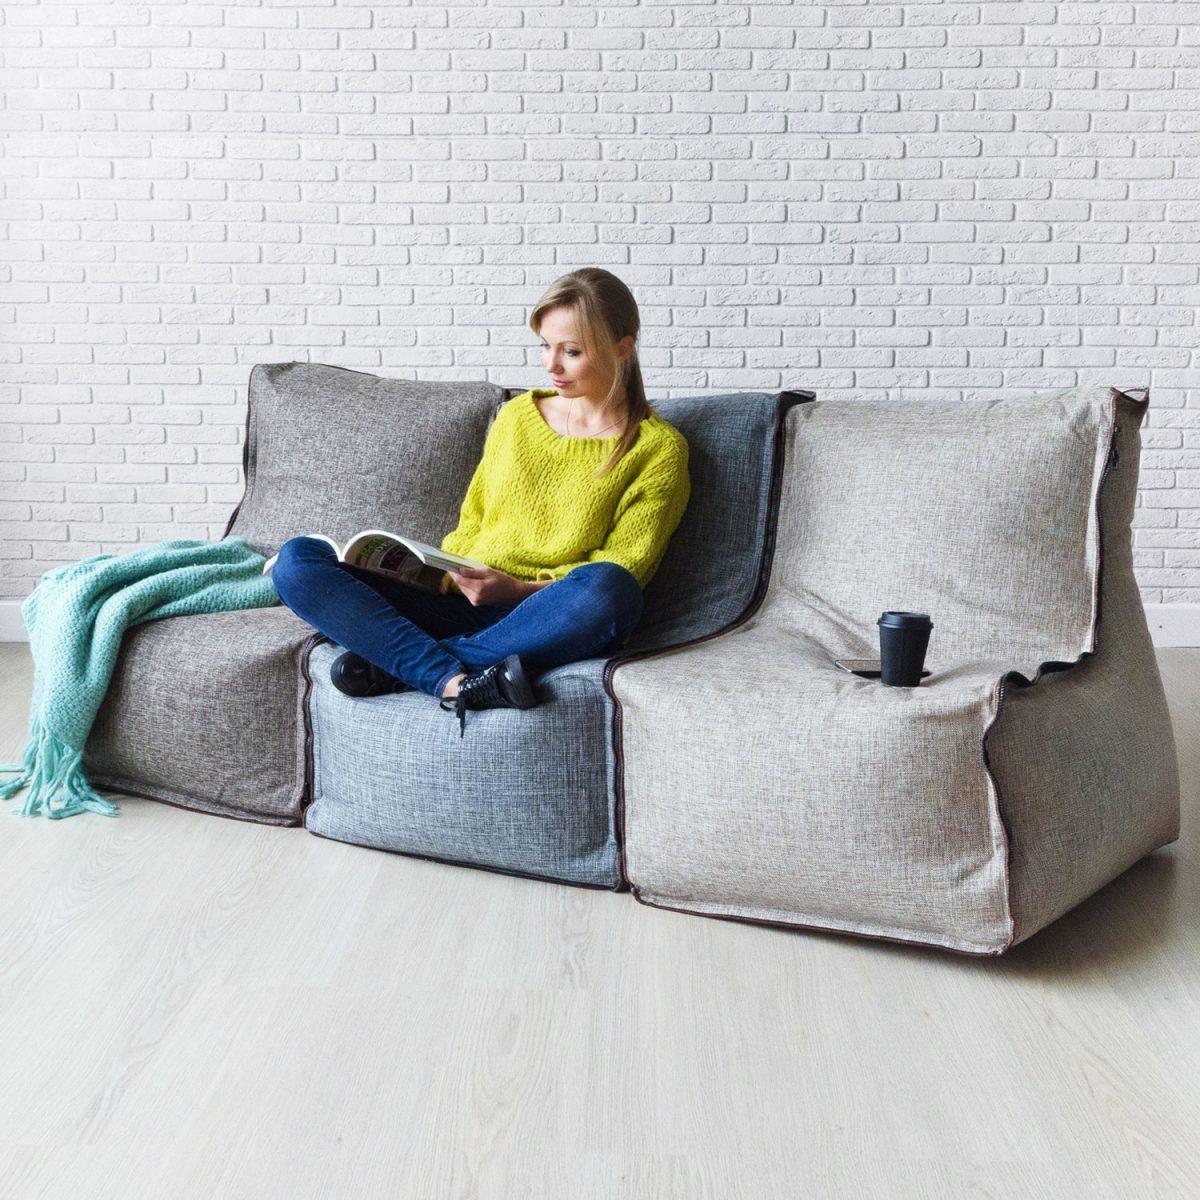 Практична ли бескаркасная мебель в офисе?